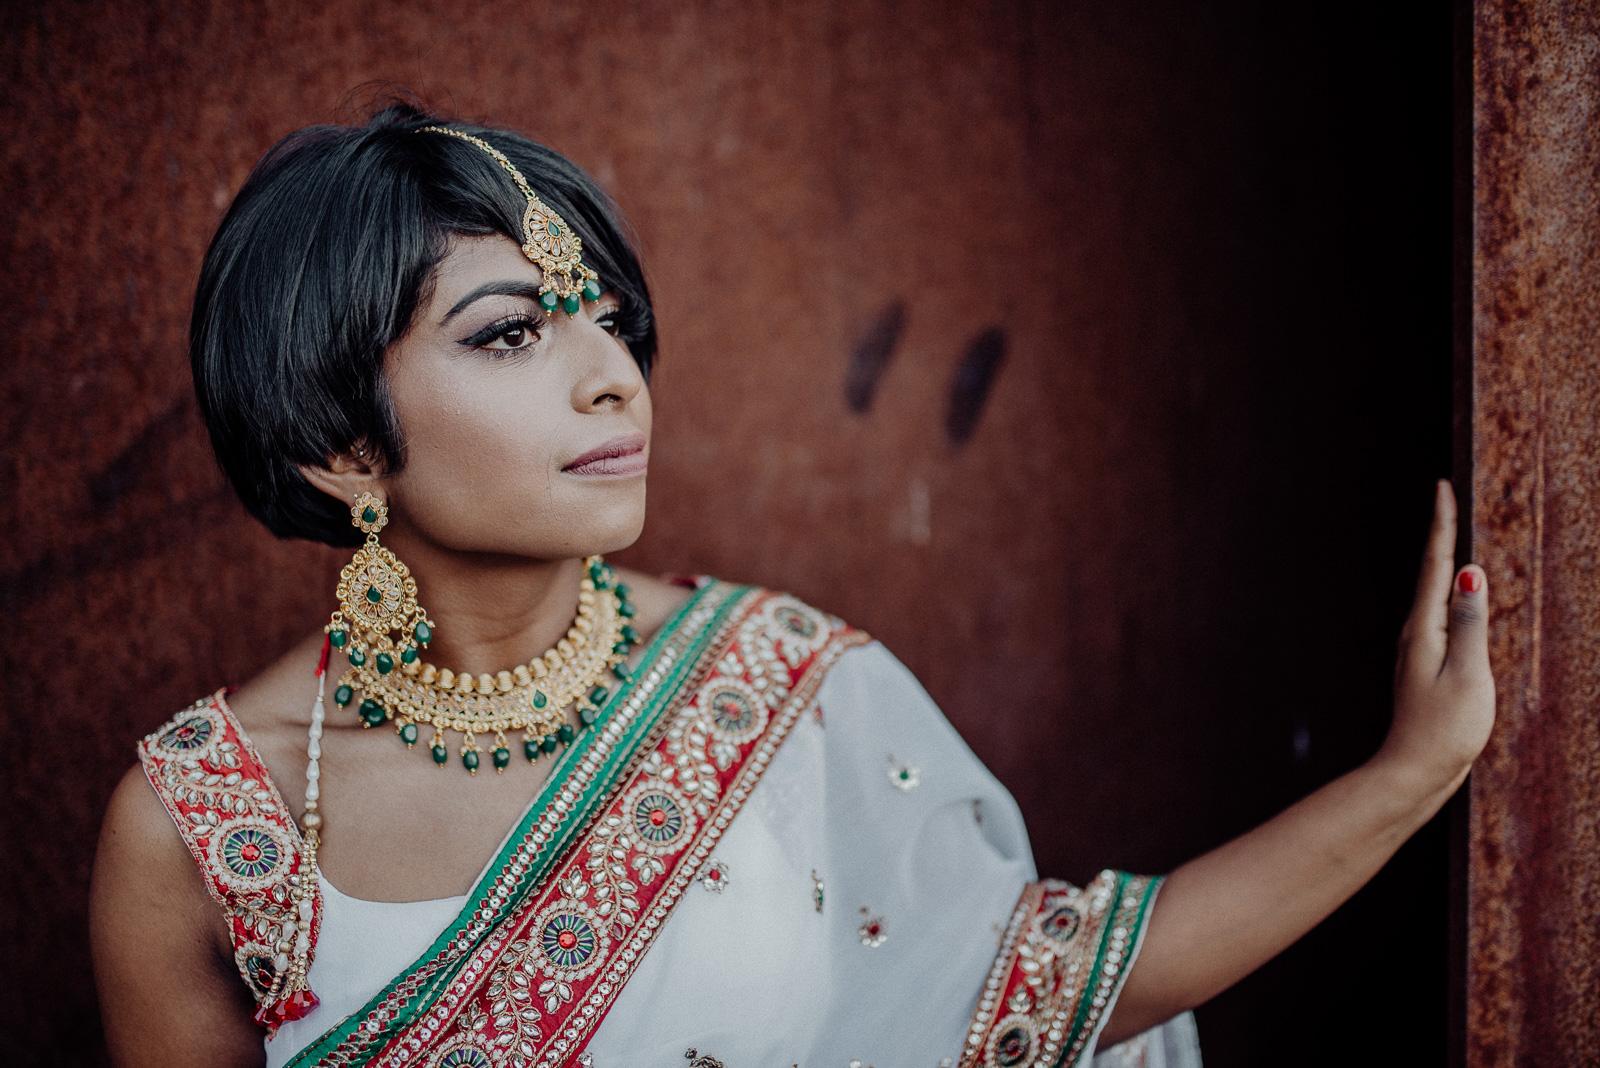 008-designparaplus-bochum-saree-indische-braut-fotograf